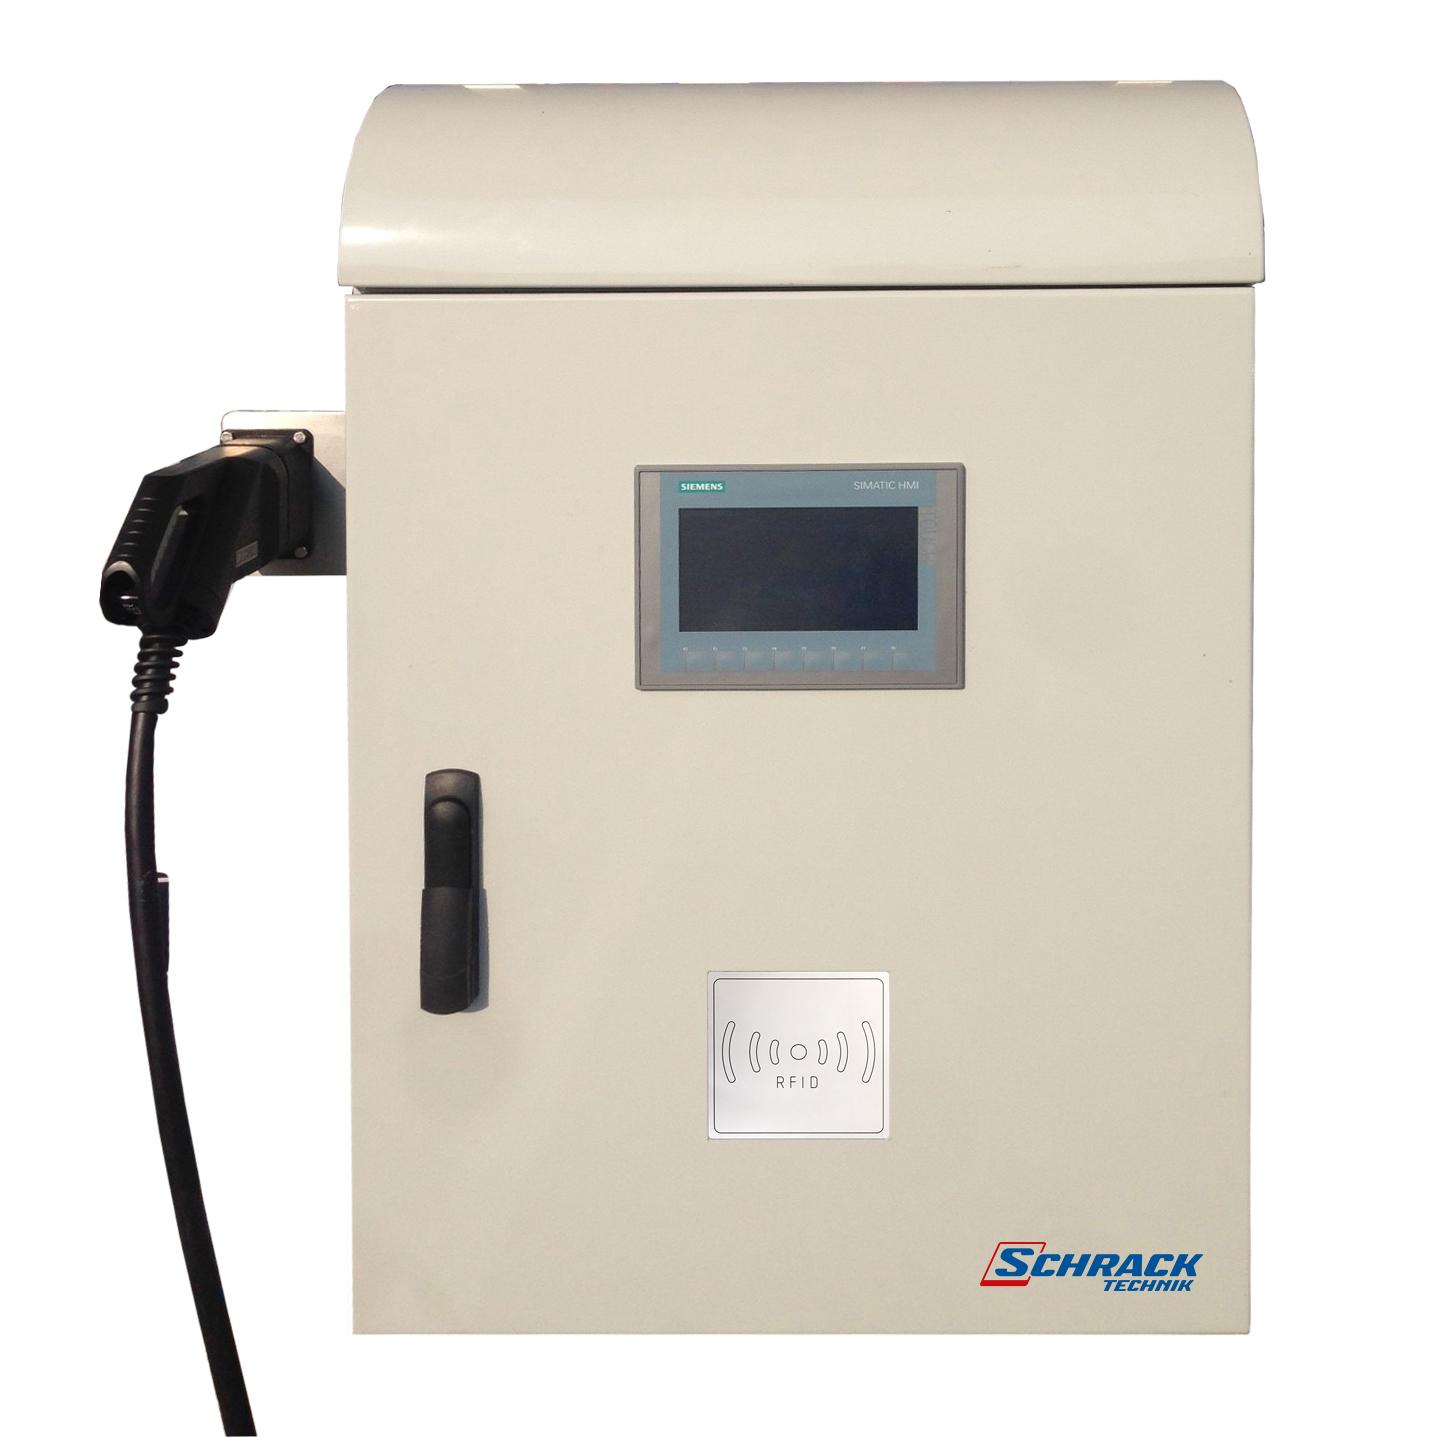 1 Stk Schnellladestation, CHAdeMO, 20kW, Farbbildschirm EMDCM020--